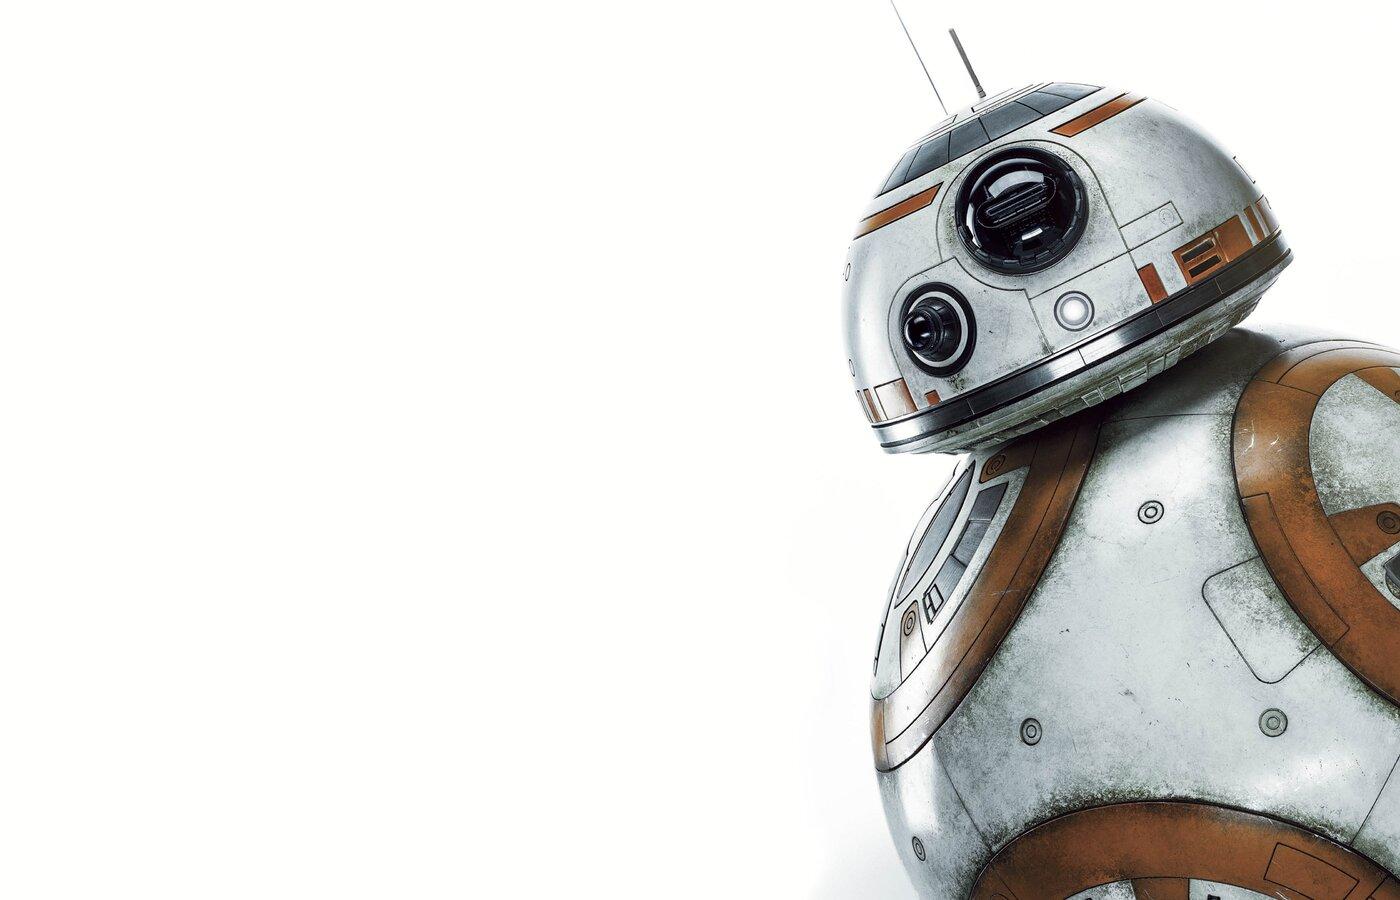 1400x900 Star Wars Bb Droid 1400x900 Resolution Hd 4k Wallpapers